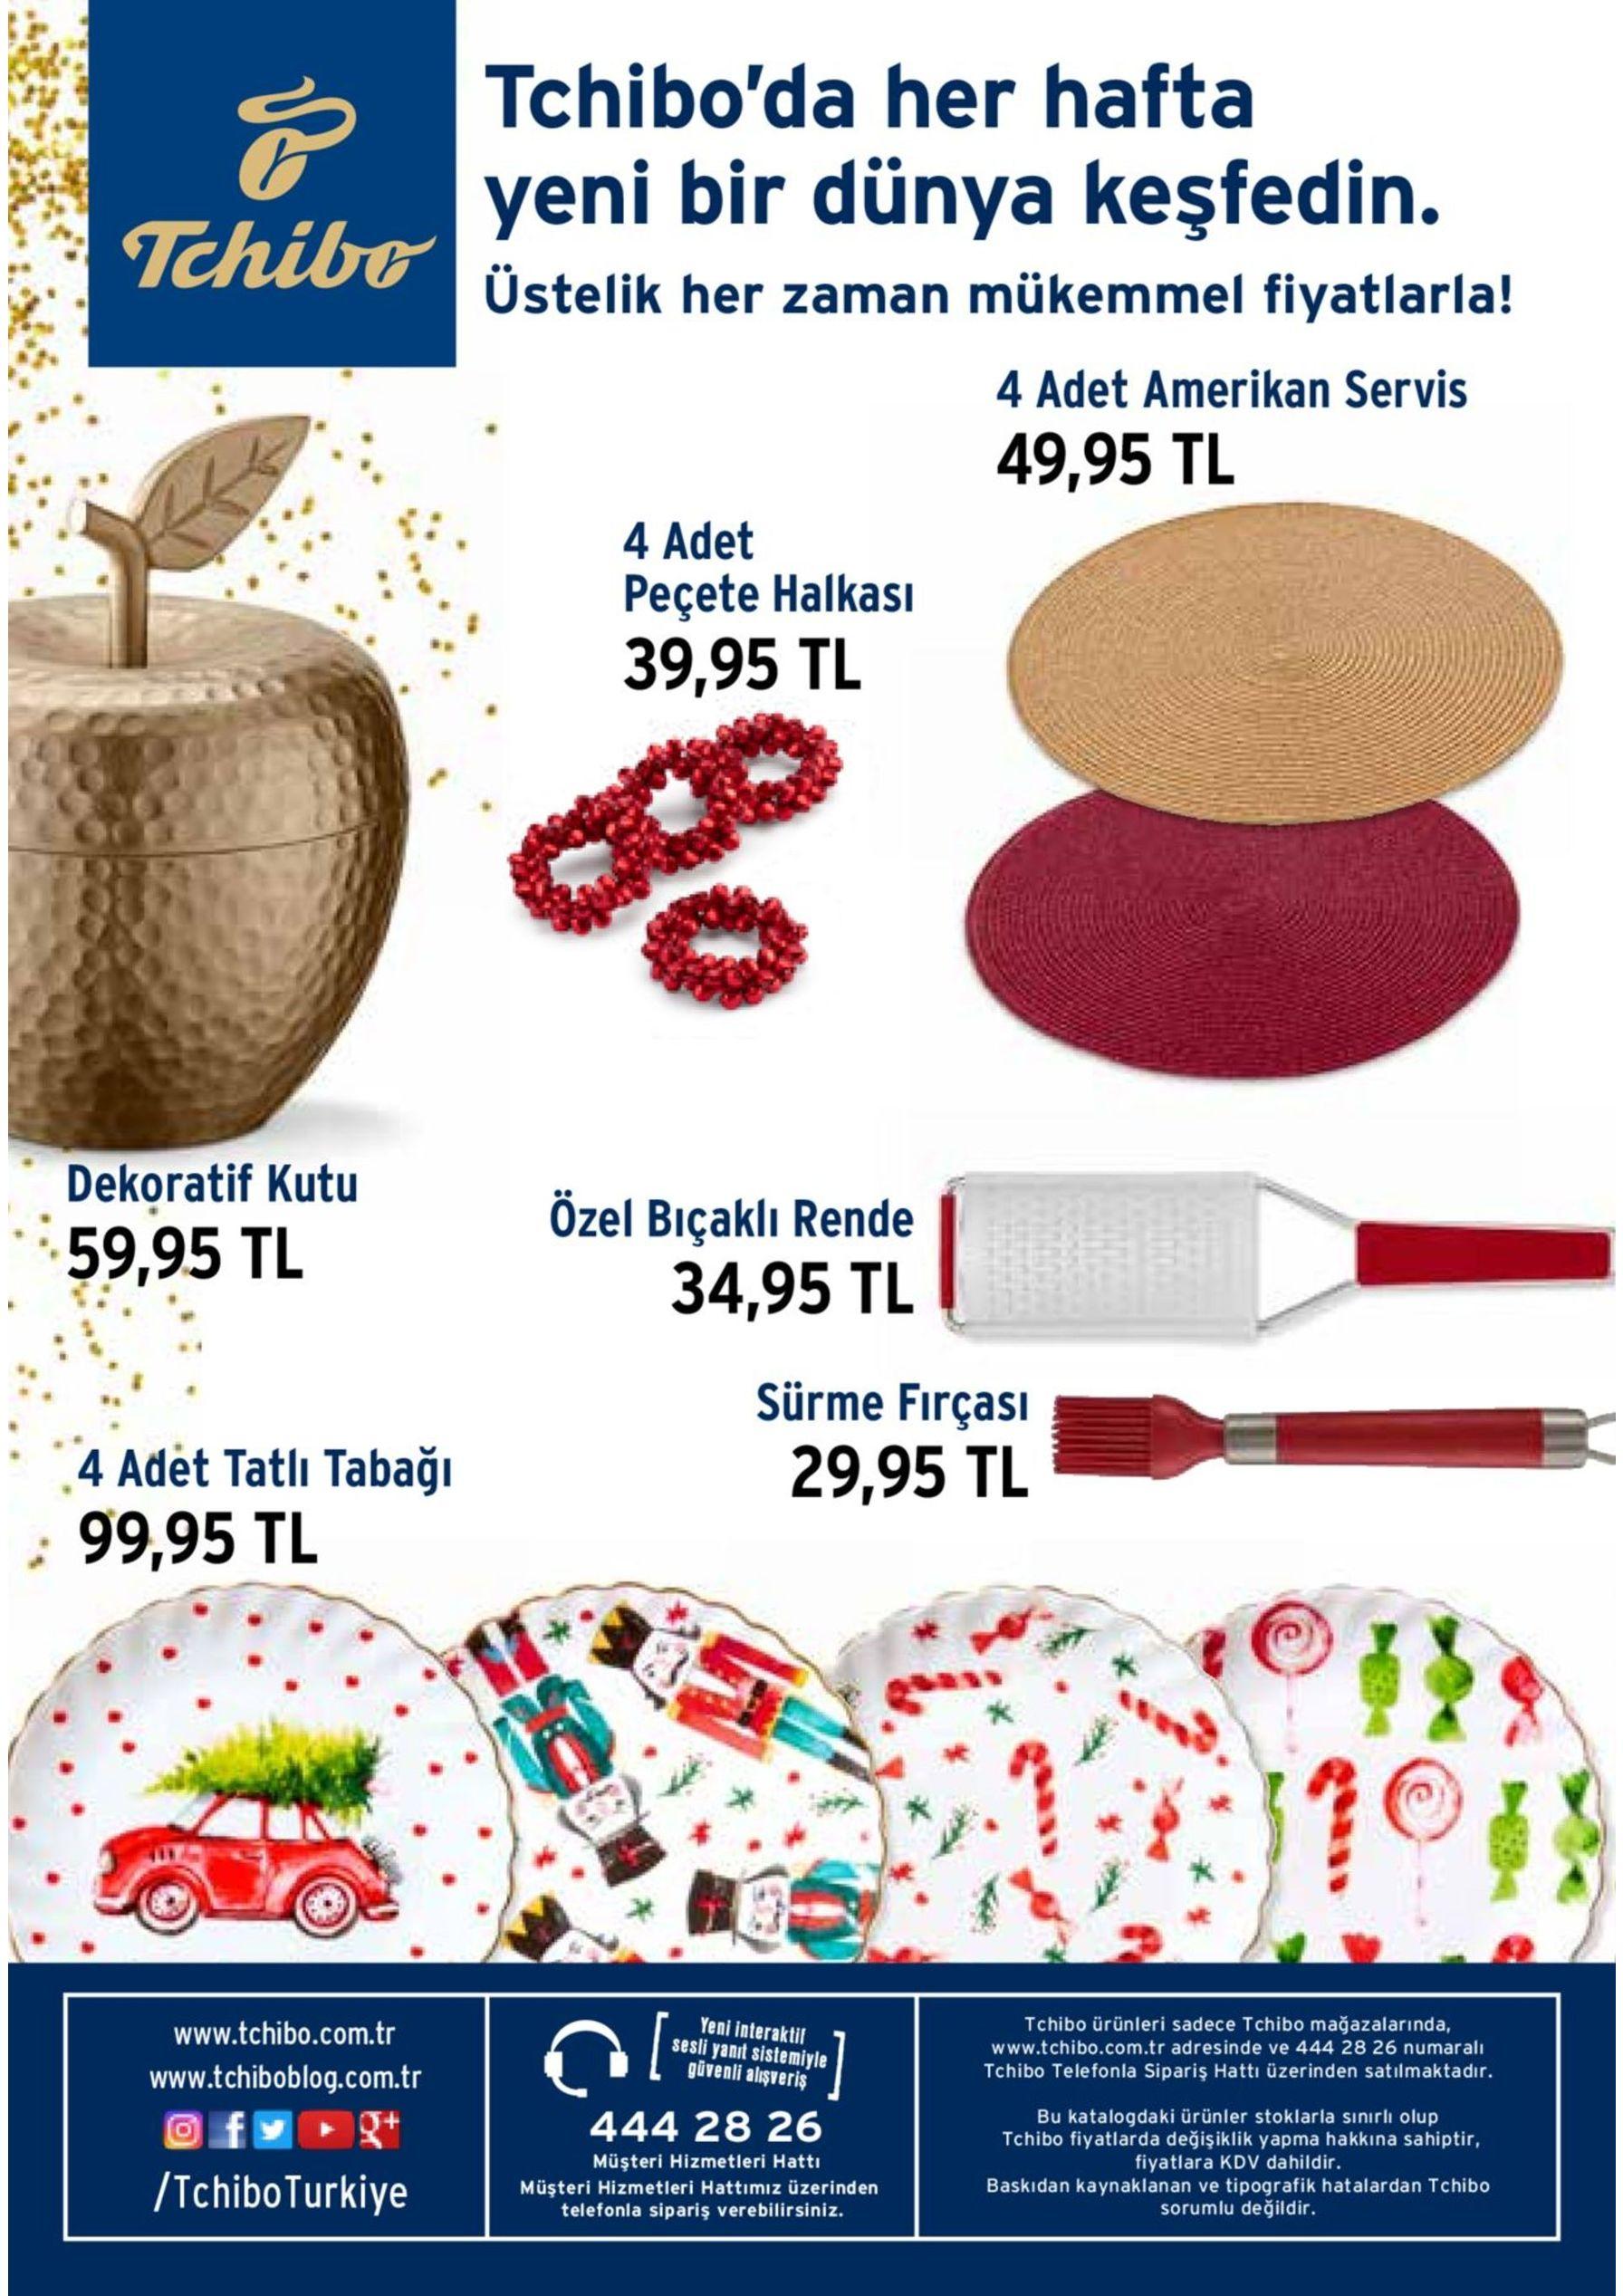 için 13 aralık tarihinden itibaren tüm tchibo mağazaları ve www.tchibo.com.tr'de ahşap oyuncak pasta çocuk mutfak önlüğü 87,90tl 104 90tl 69 ,95tl sipariş kodu: 69 ,95tl 494133 sipariş kodu: matara 494085 deri kayışlı akıllı telefon örgü bere otomatik spor kol bandı kol saati 79 90tl 269 90tl ,95tl ,95tl örgü 59 219 atkı si494086kodu: sipariş kodu: 494148 saat kutusu ,90tl 89 82 90tl profesyonel 59 ,95tl ,95tl makyaj fırçası sipariş kodu: mug 49 seti 494155 sipariş kodu: fonksiyonel 494130 çok renkli kulaklık allık